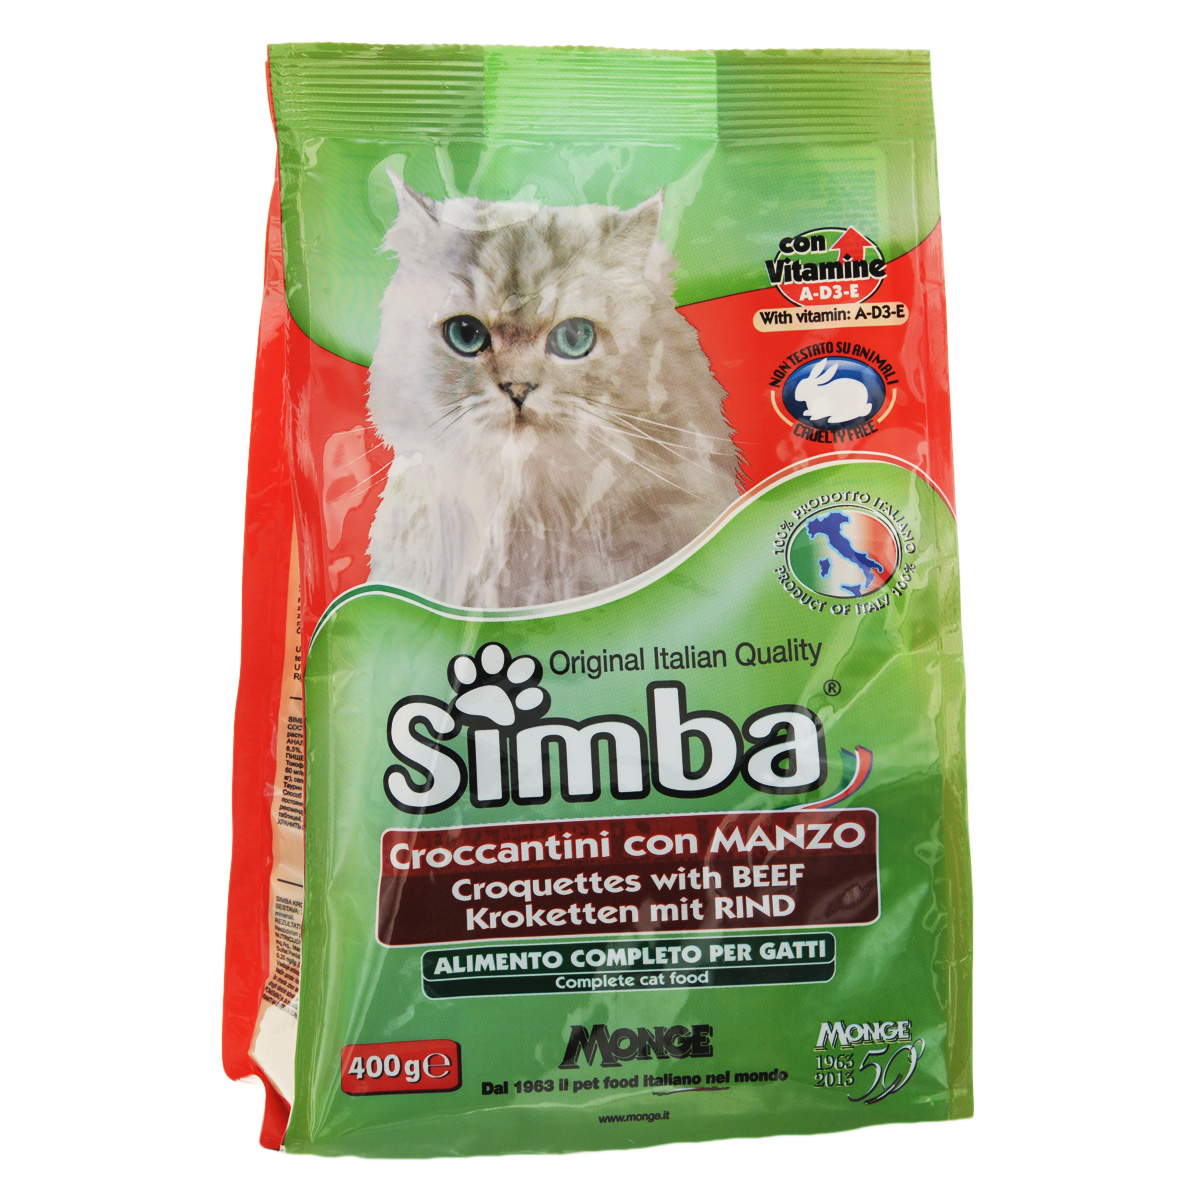 Корм сухой Monge Simba для взрослых кошек, с говядиной, 400 г0120710Сухой корм Monge Simba - это полноценный корм для кошек с витаминами A, D3, E, которые способствуют укреплению здоровья и отличного состояния животных. Оптимальное содержание белка гарантируется наличием говяжьего мяса.Состав: злаки, мясо и мясопродукты (говядина мин. 5%), побочные продукты растительного происхождения, масла и жиры, витамины, минеральные вещества.Анализ компонентов: белок 21%, масла и жиры 11%, сырая клетчатка 2,5%, сырая зола 8,5%. Витамины и добавки на 1 кг: витамин А 11 500 МЕ, витамин D3 800 МЕ, витамин Е 80 мг, сульфат марганца 43 мг (марганец 15 мг), оксид цинка 90 мг (цинк 60 мг), сульфат меди 22 мг (медь 5,5 мг), сульфат железа 150 мг (железо 50 мг), селенит натрия 0,20 мг (селен 0,09 мг), йодат кальция 1,15 мг (йод 0,7 мг), таурин 500 мг, антиоксиданты ЕЭС.Товар сертифицирован.